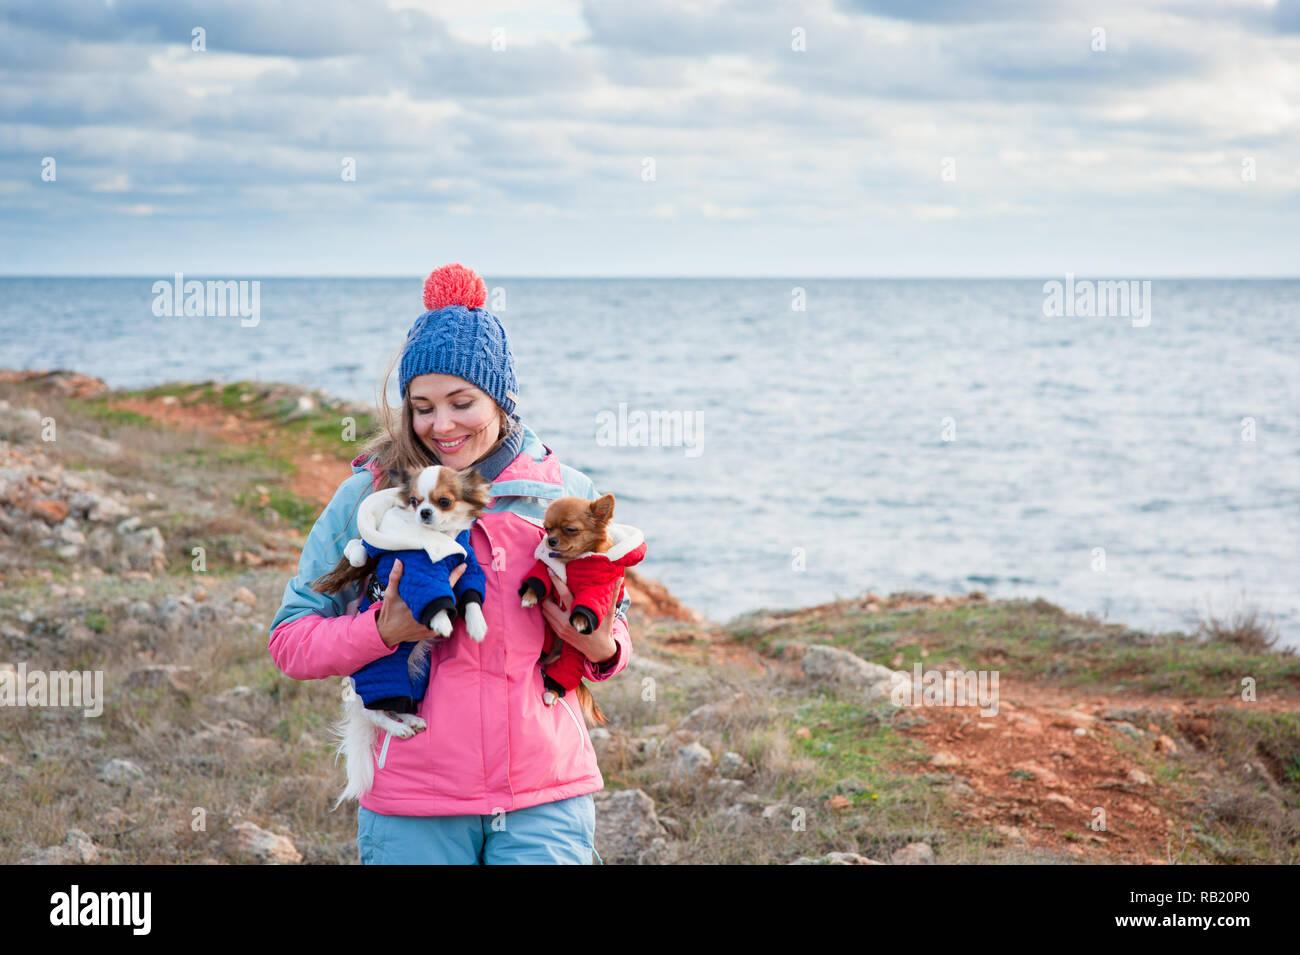 3fcc66f70316 Feliz sonrisa encantadora guapa joven femenino en el gorro de lana y pista  de traje sosteniendo